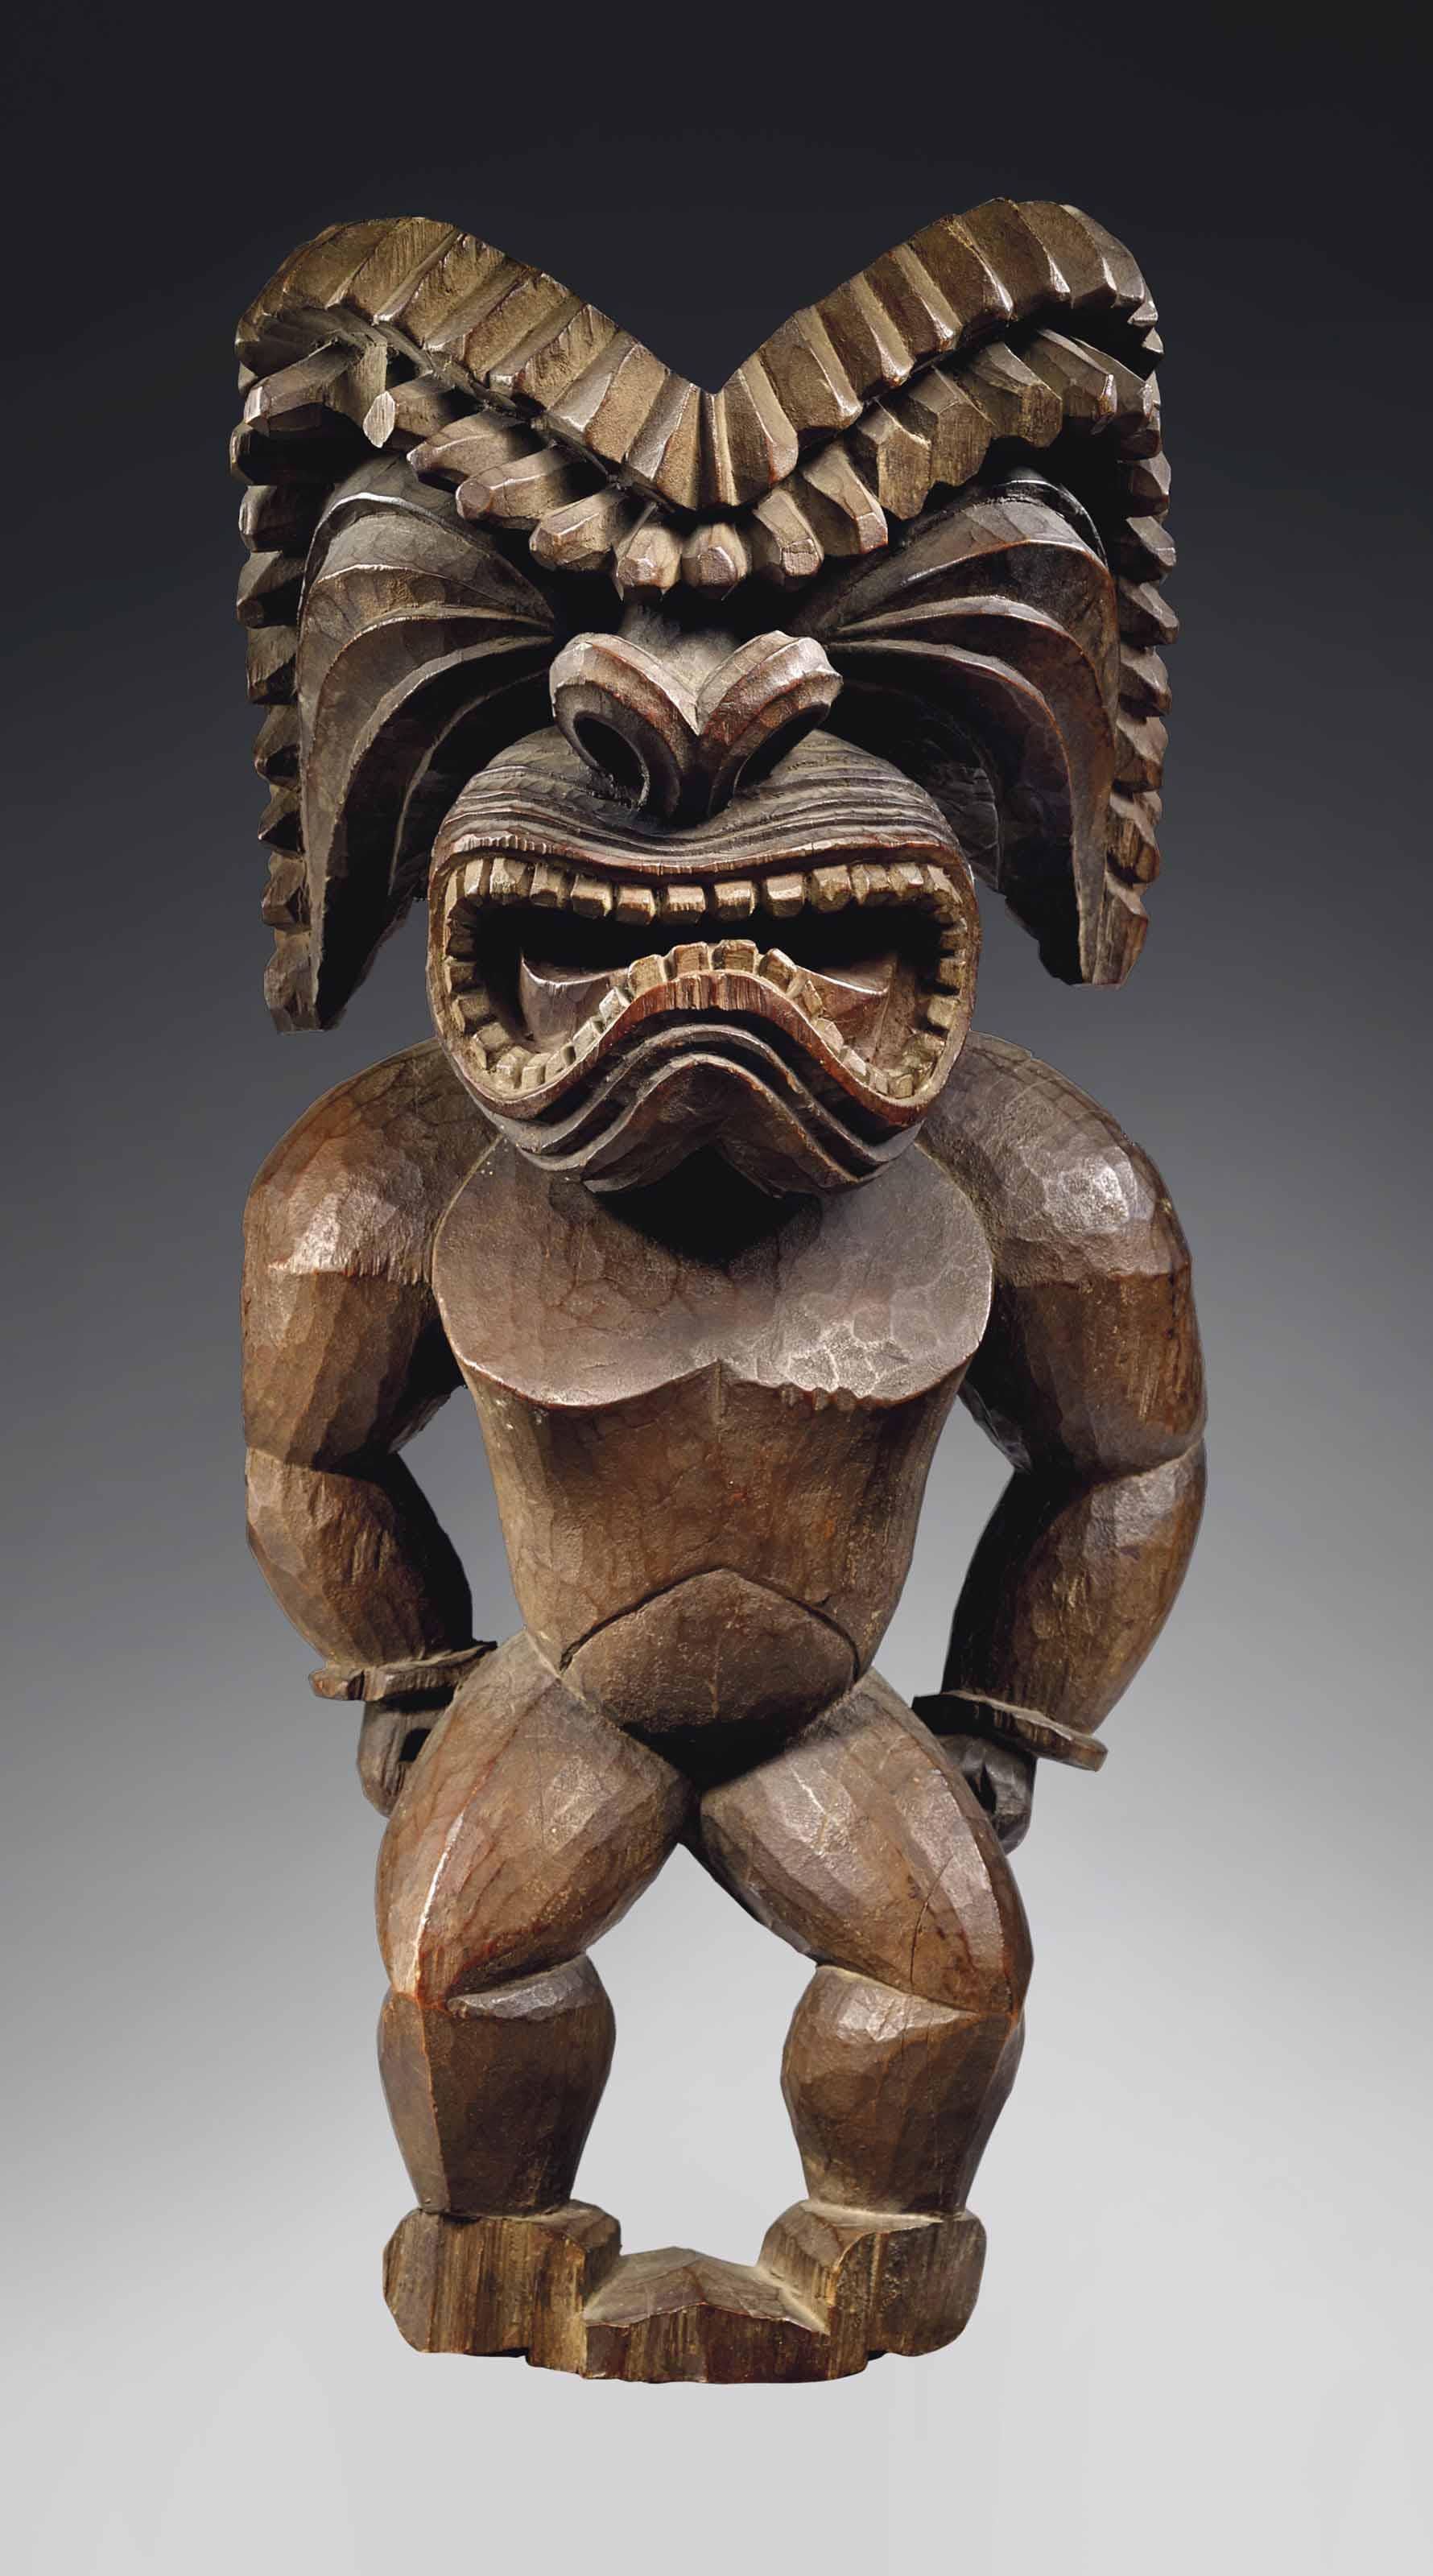 Importante statue Hawaienne de style kona, circa 1780-1820, représentant le dieu de la guerre, ku ka'ili moku Hawaiian figure, kona style, circa 1780-1820, representing the god of war, ku ka 'ili moku